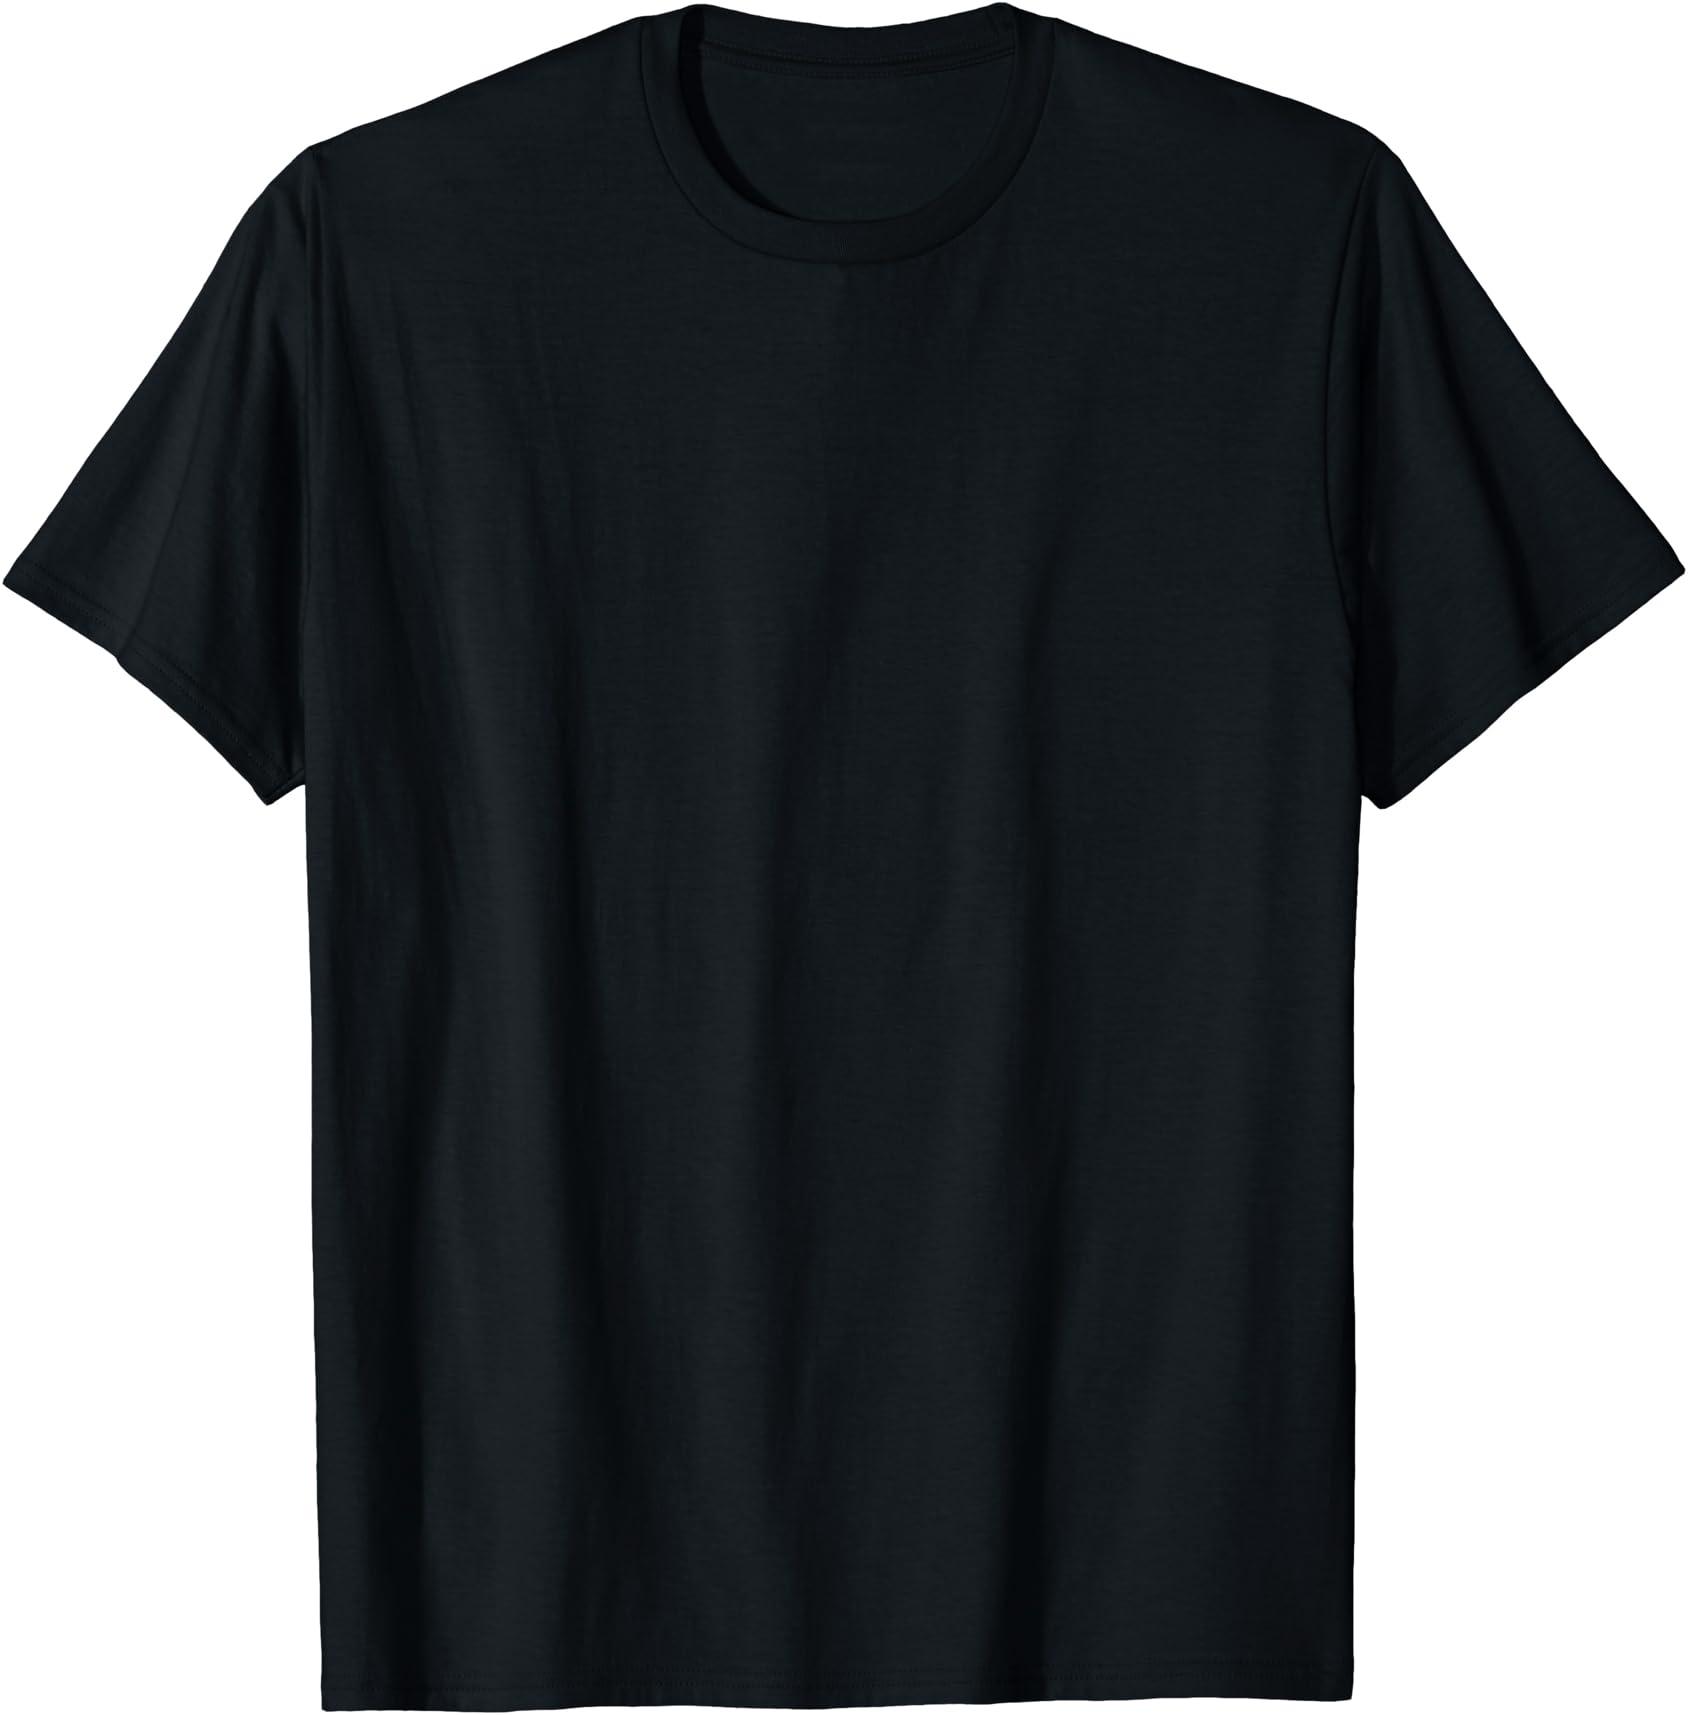 Funny Kids Childrens T-Shirt tee TShirt Am Bat